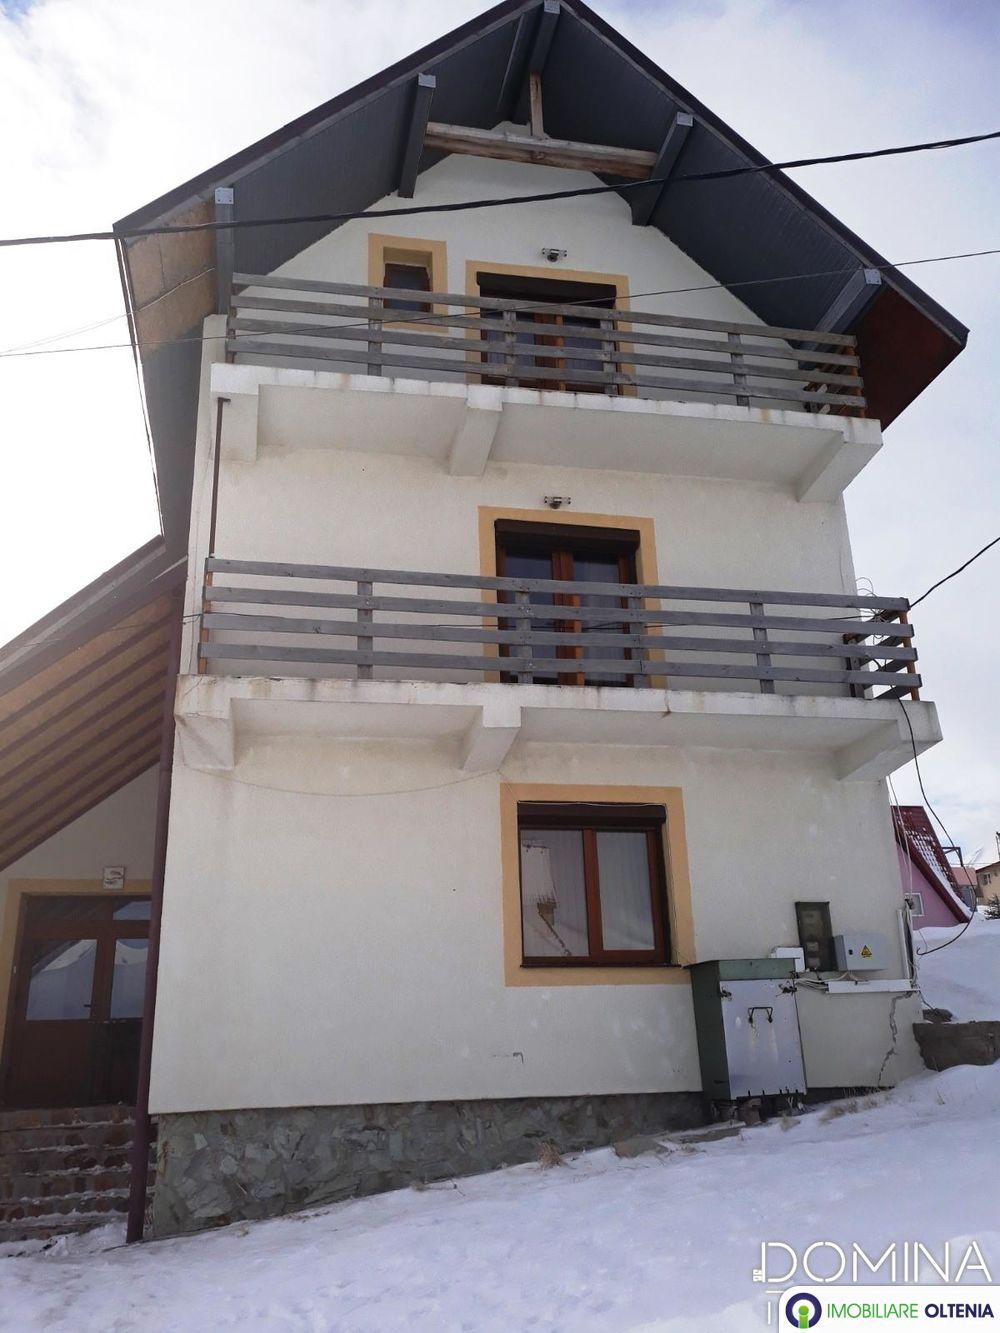 Vânzare pensiune situată în Stațiunea Montană Rânca